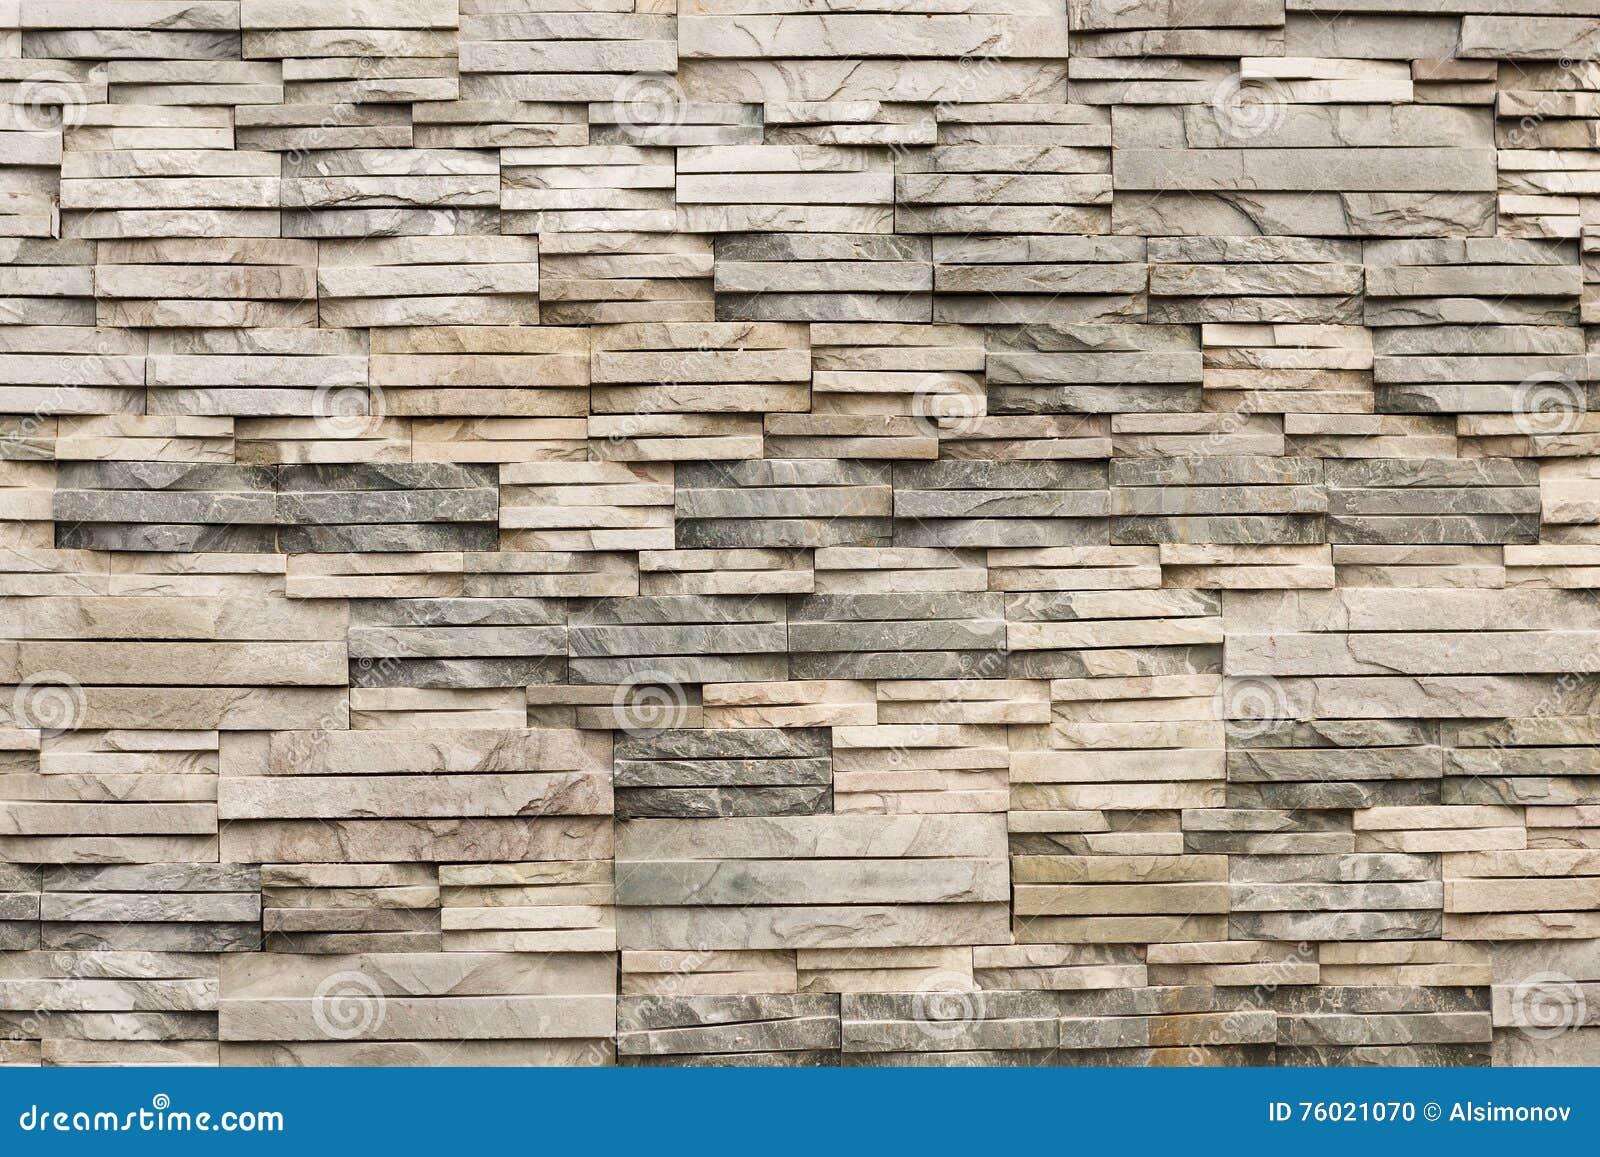 De Lichte Natuurlijke Ruwe Steen Van De Muurdecoratie Textuur Stock Foto Image Of Samenvatting Oppervlakte 76021070